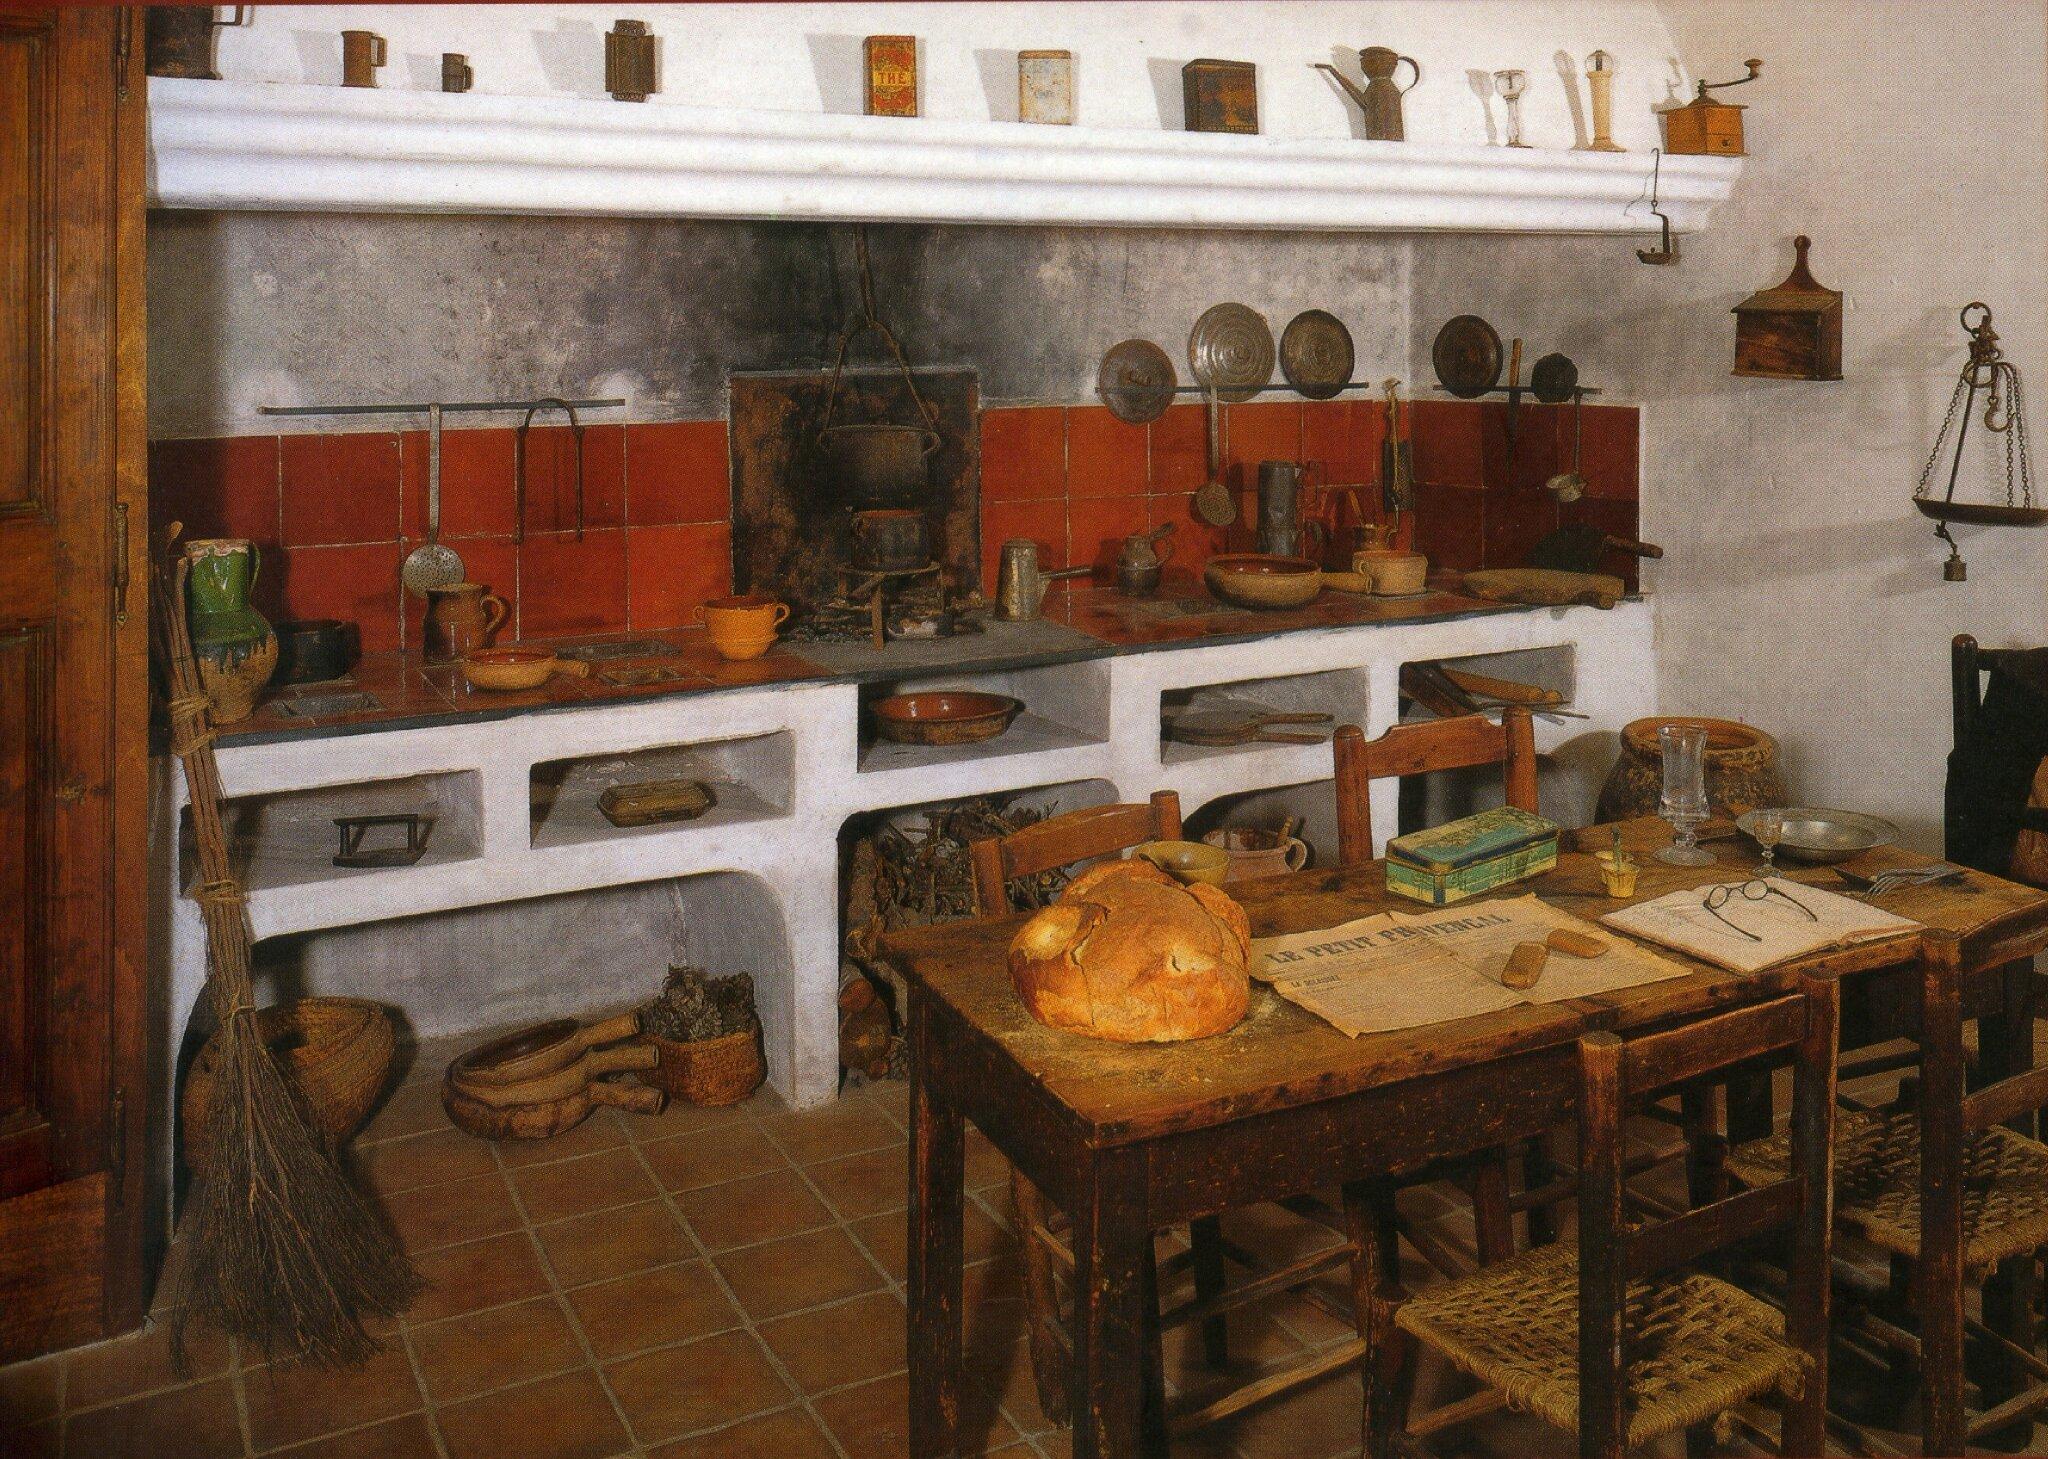 Objets et ustensiles de la cuisine passion provence for Ustensils cuisine